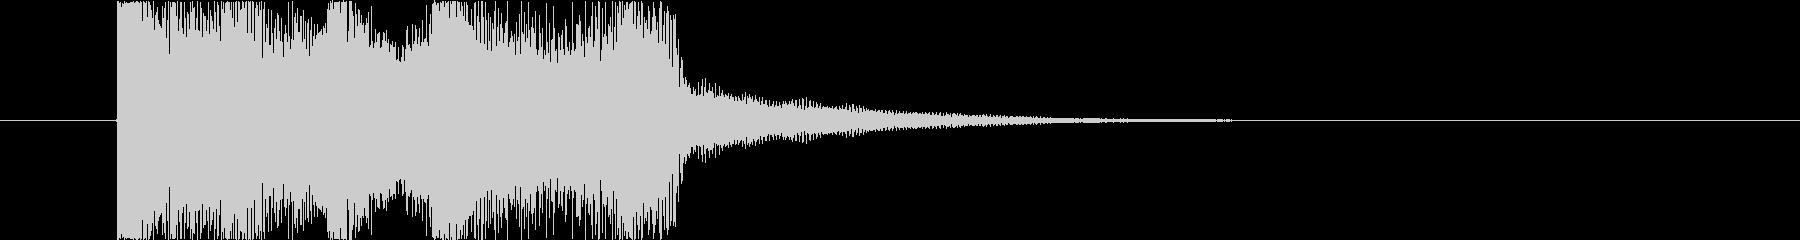 「ピンポン!」正解用の効果音ジングル。の未再生の波形